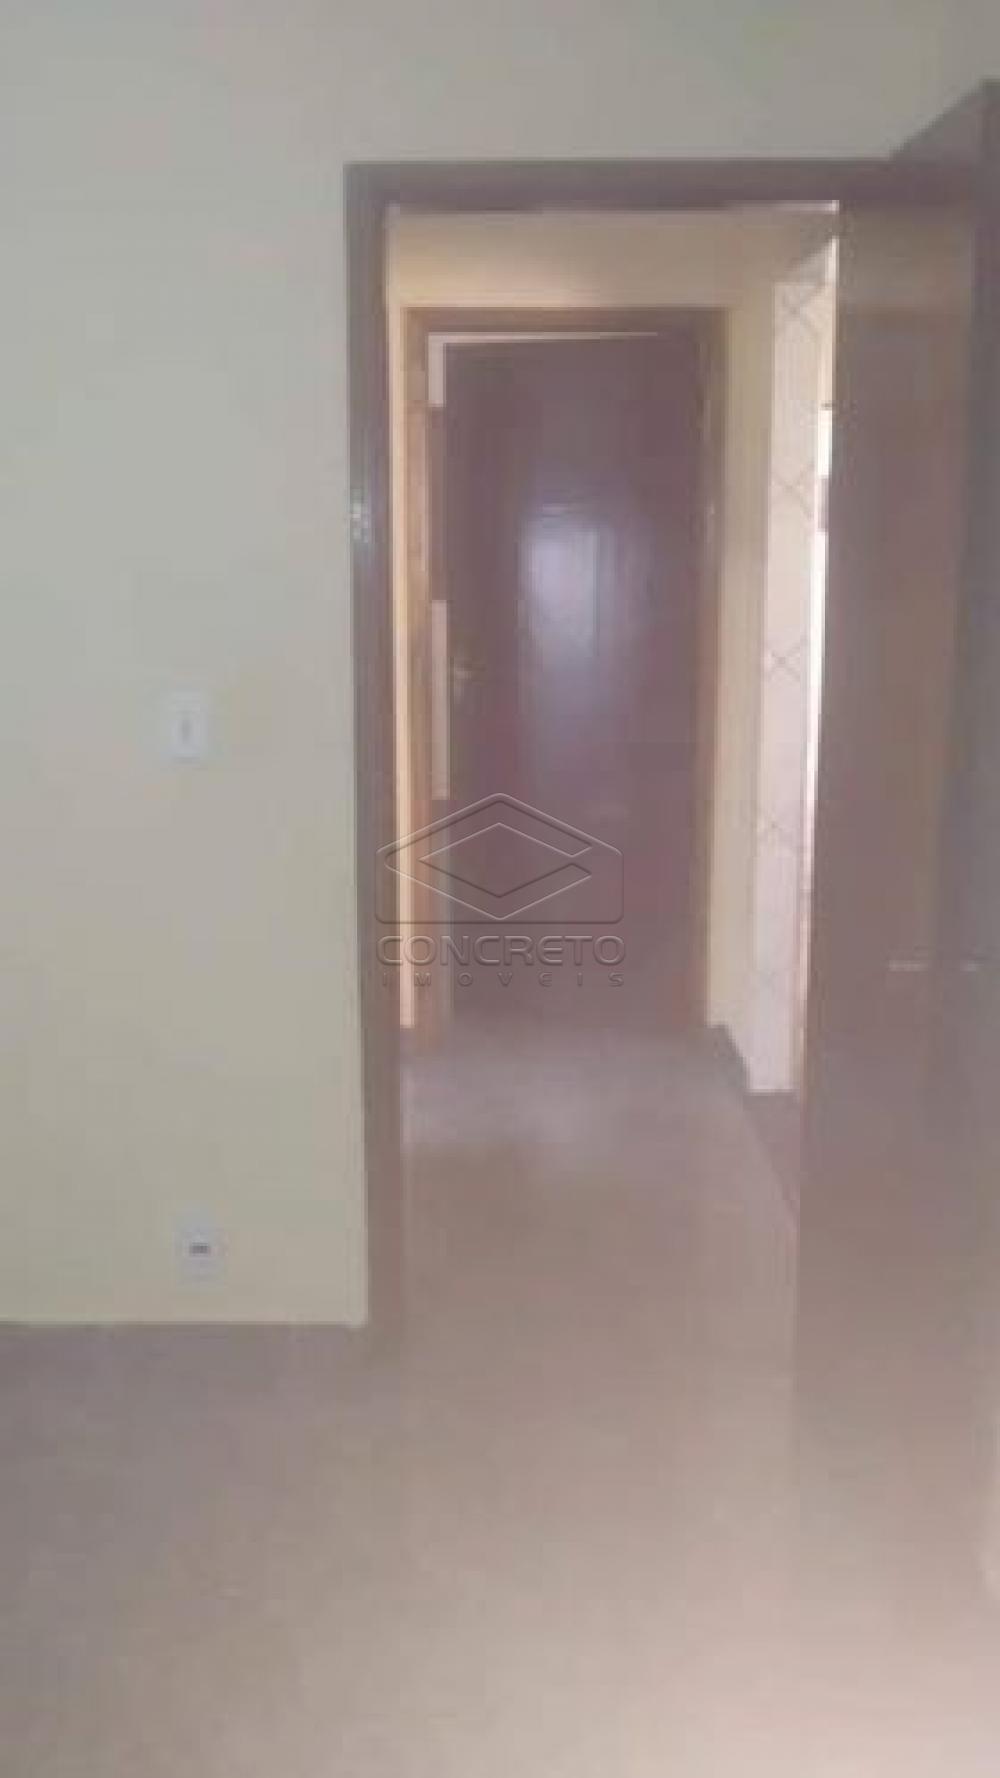 Comprar Casa / Padrão em Bauru apenas R$ 220.000,00 - Foto 6